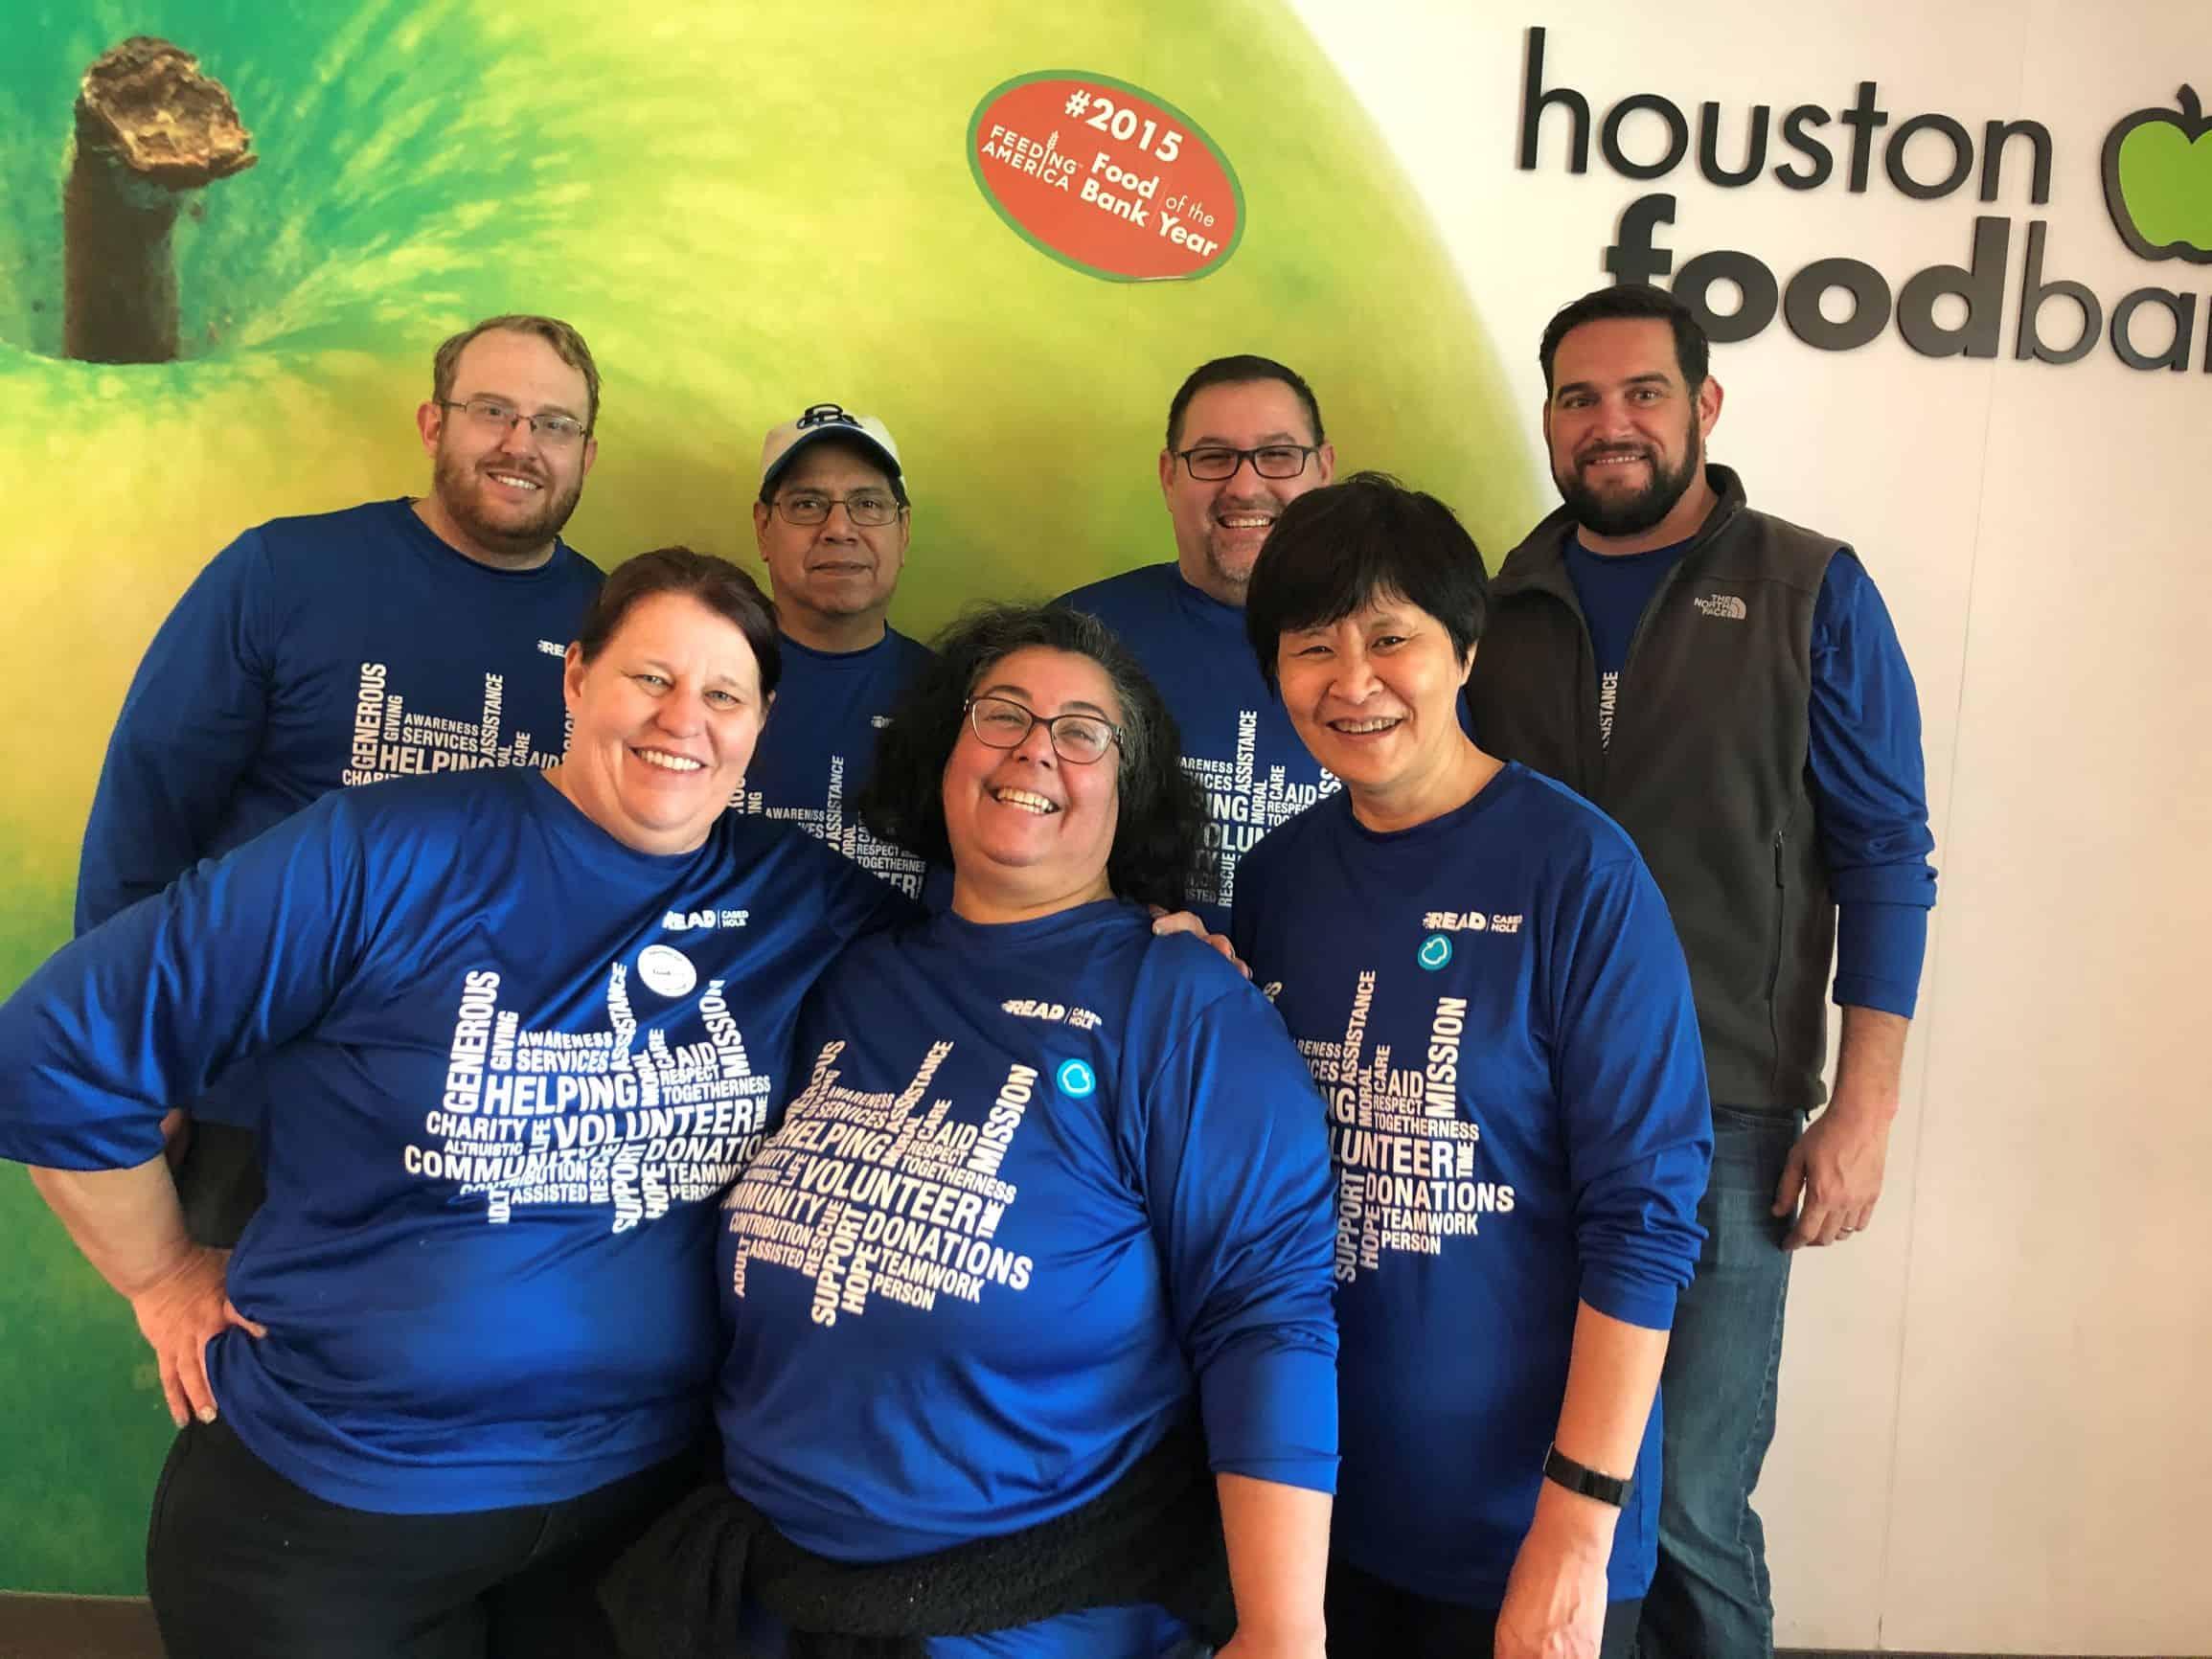 Houston Foodbank READ Cased Hole